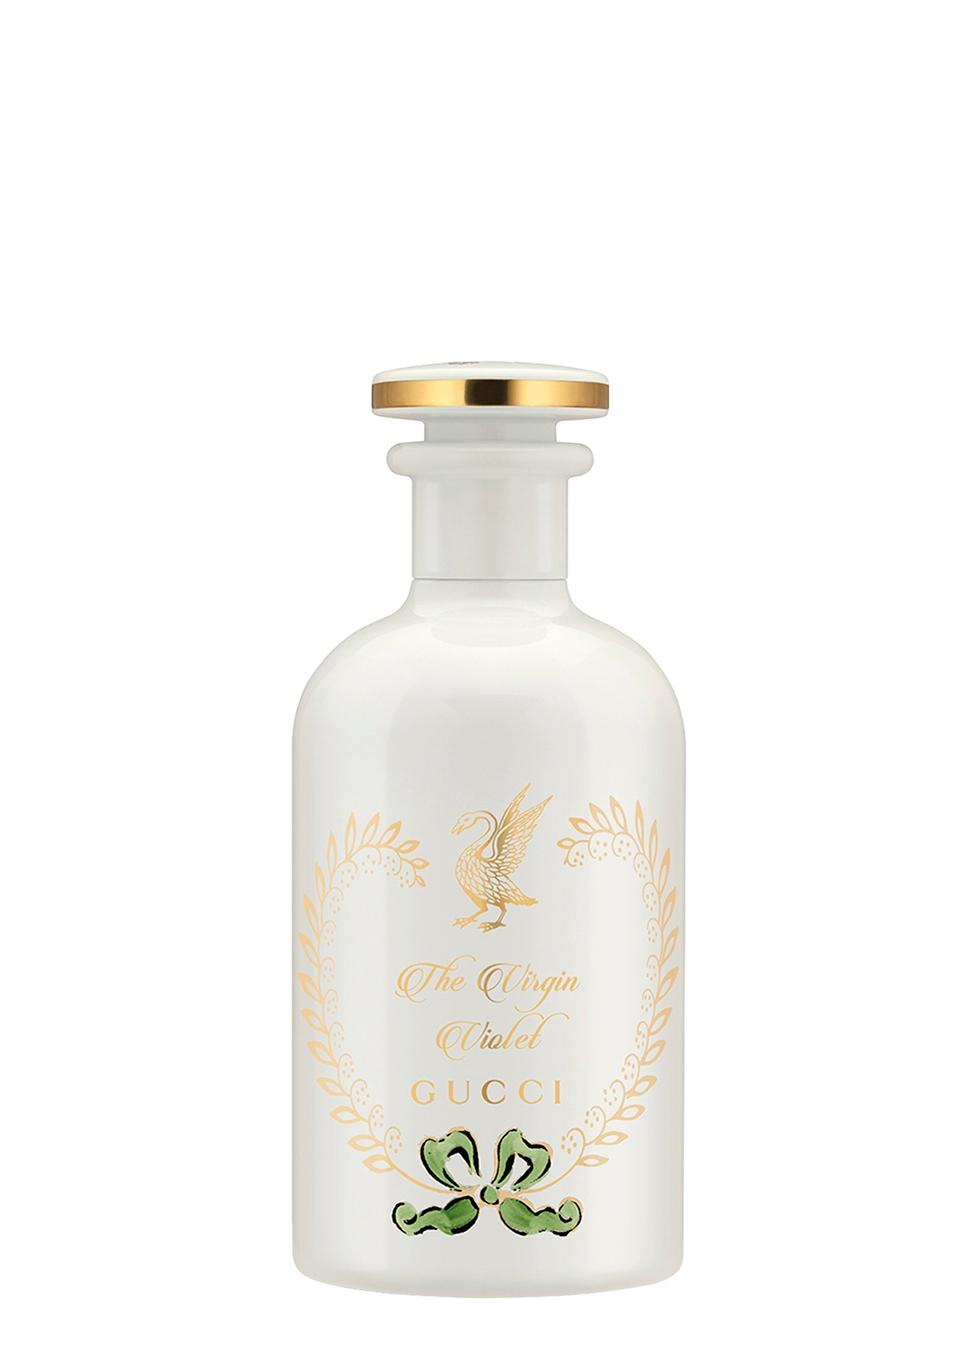 The Alchemist's Garden The Virgin Violet Eau De Parfum 100ml - Gucci